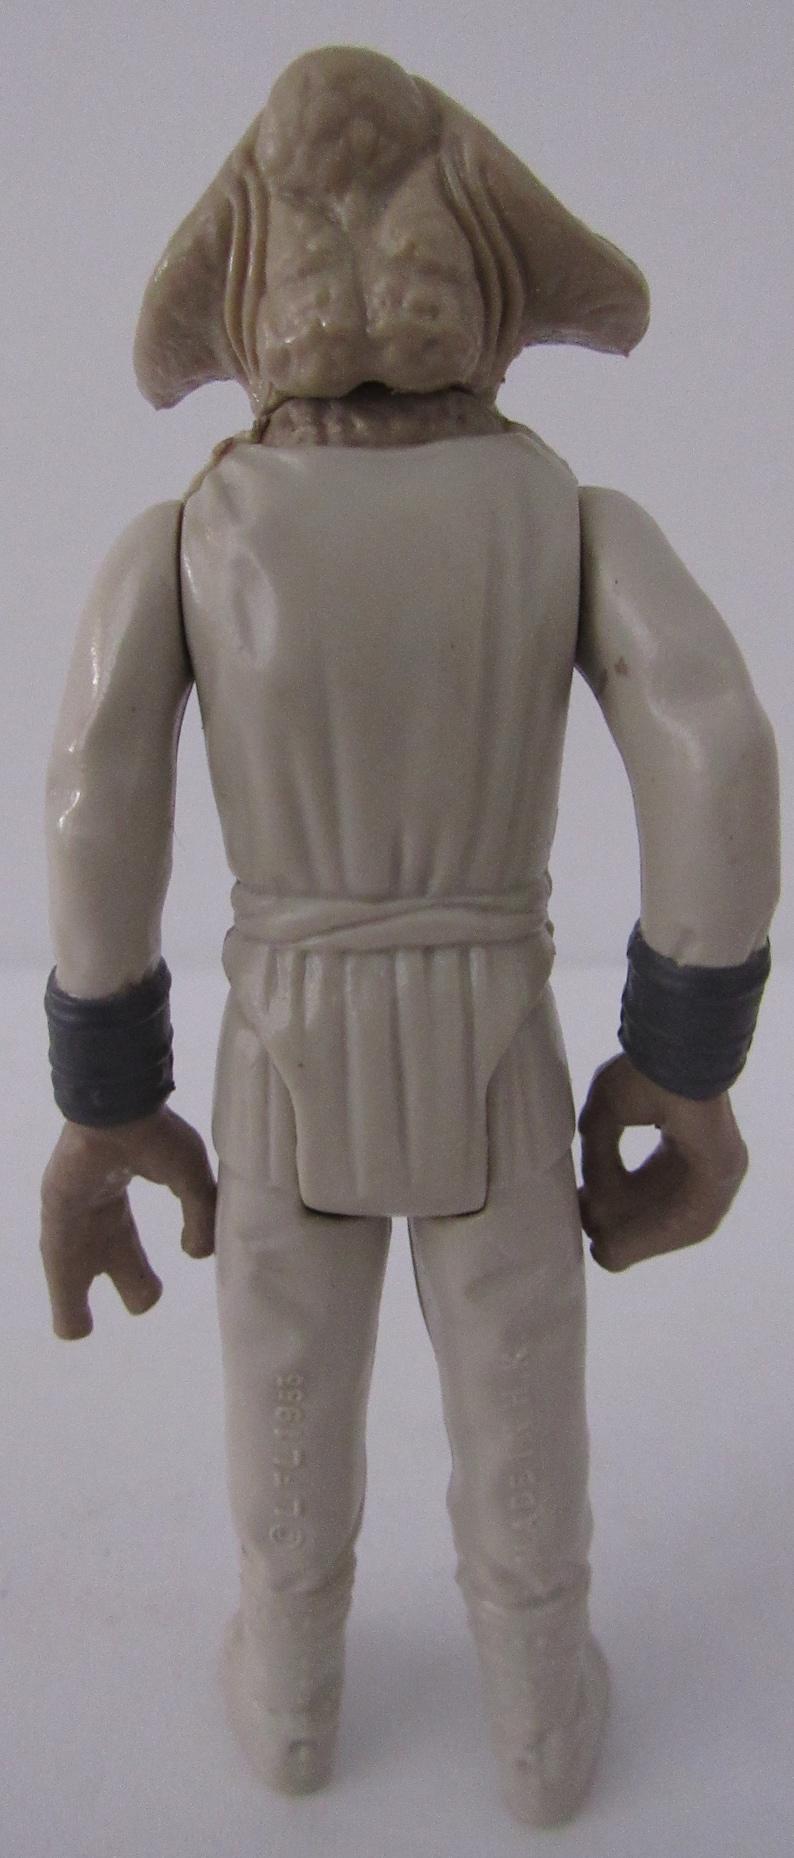 1983 Squid Head Star Wars Kenner Hong Kong Action Figure ROTJ Very Good Vintage